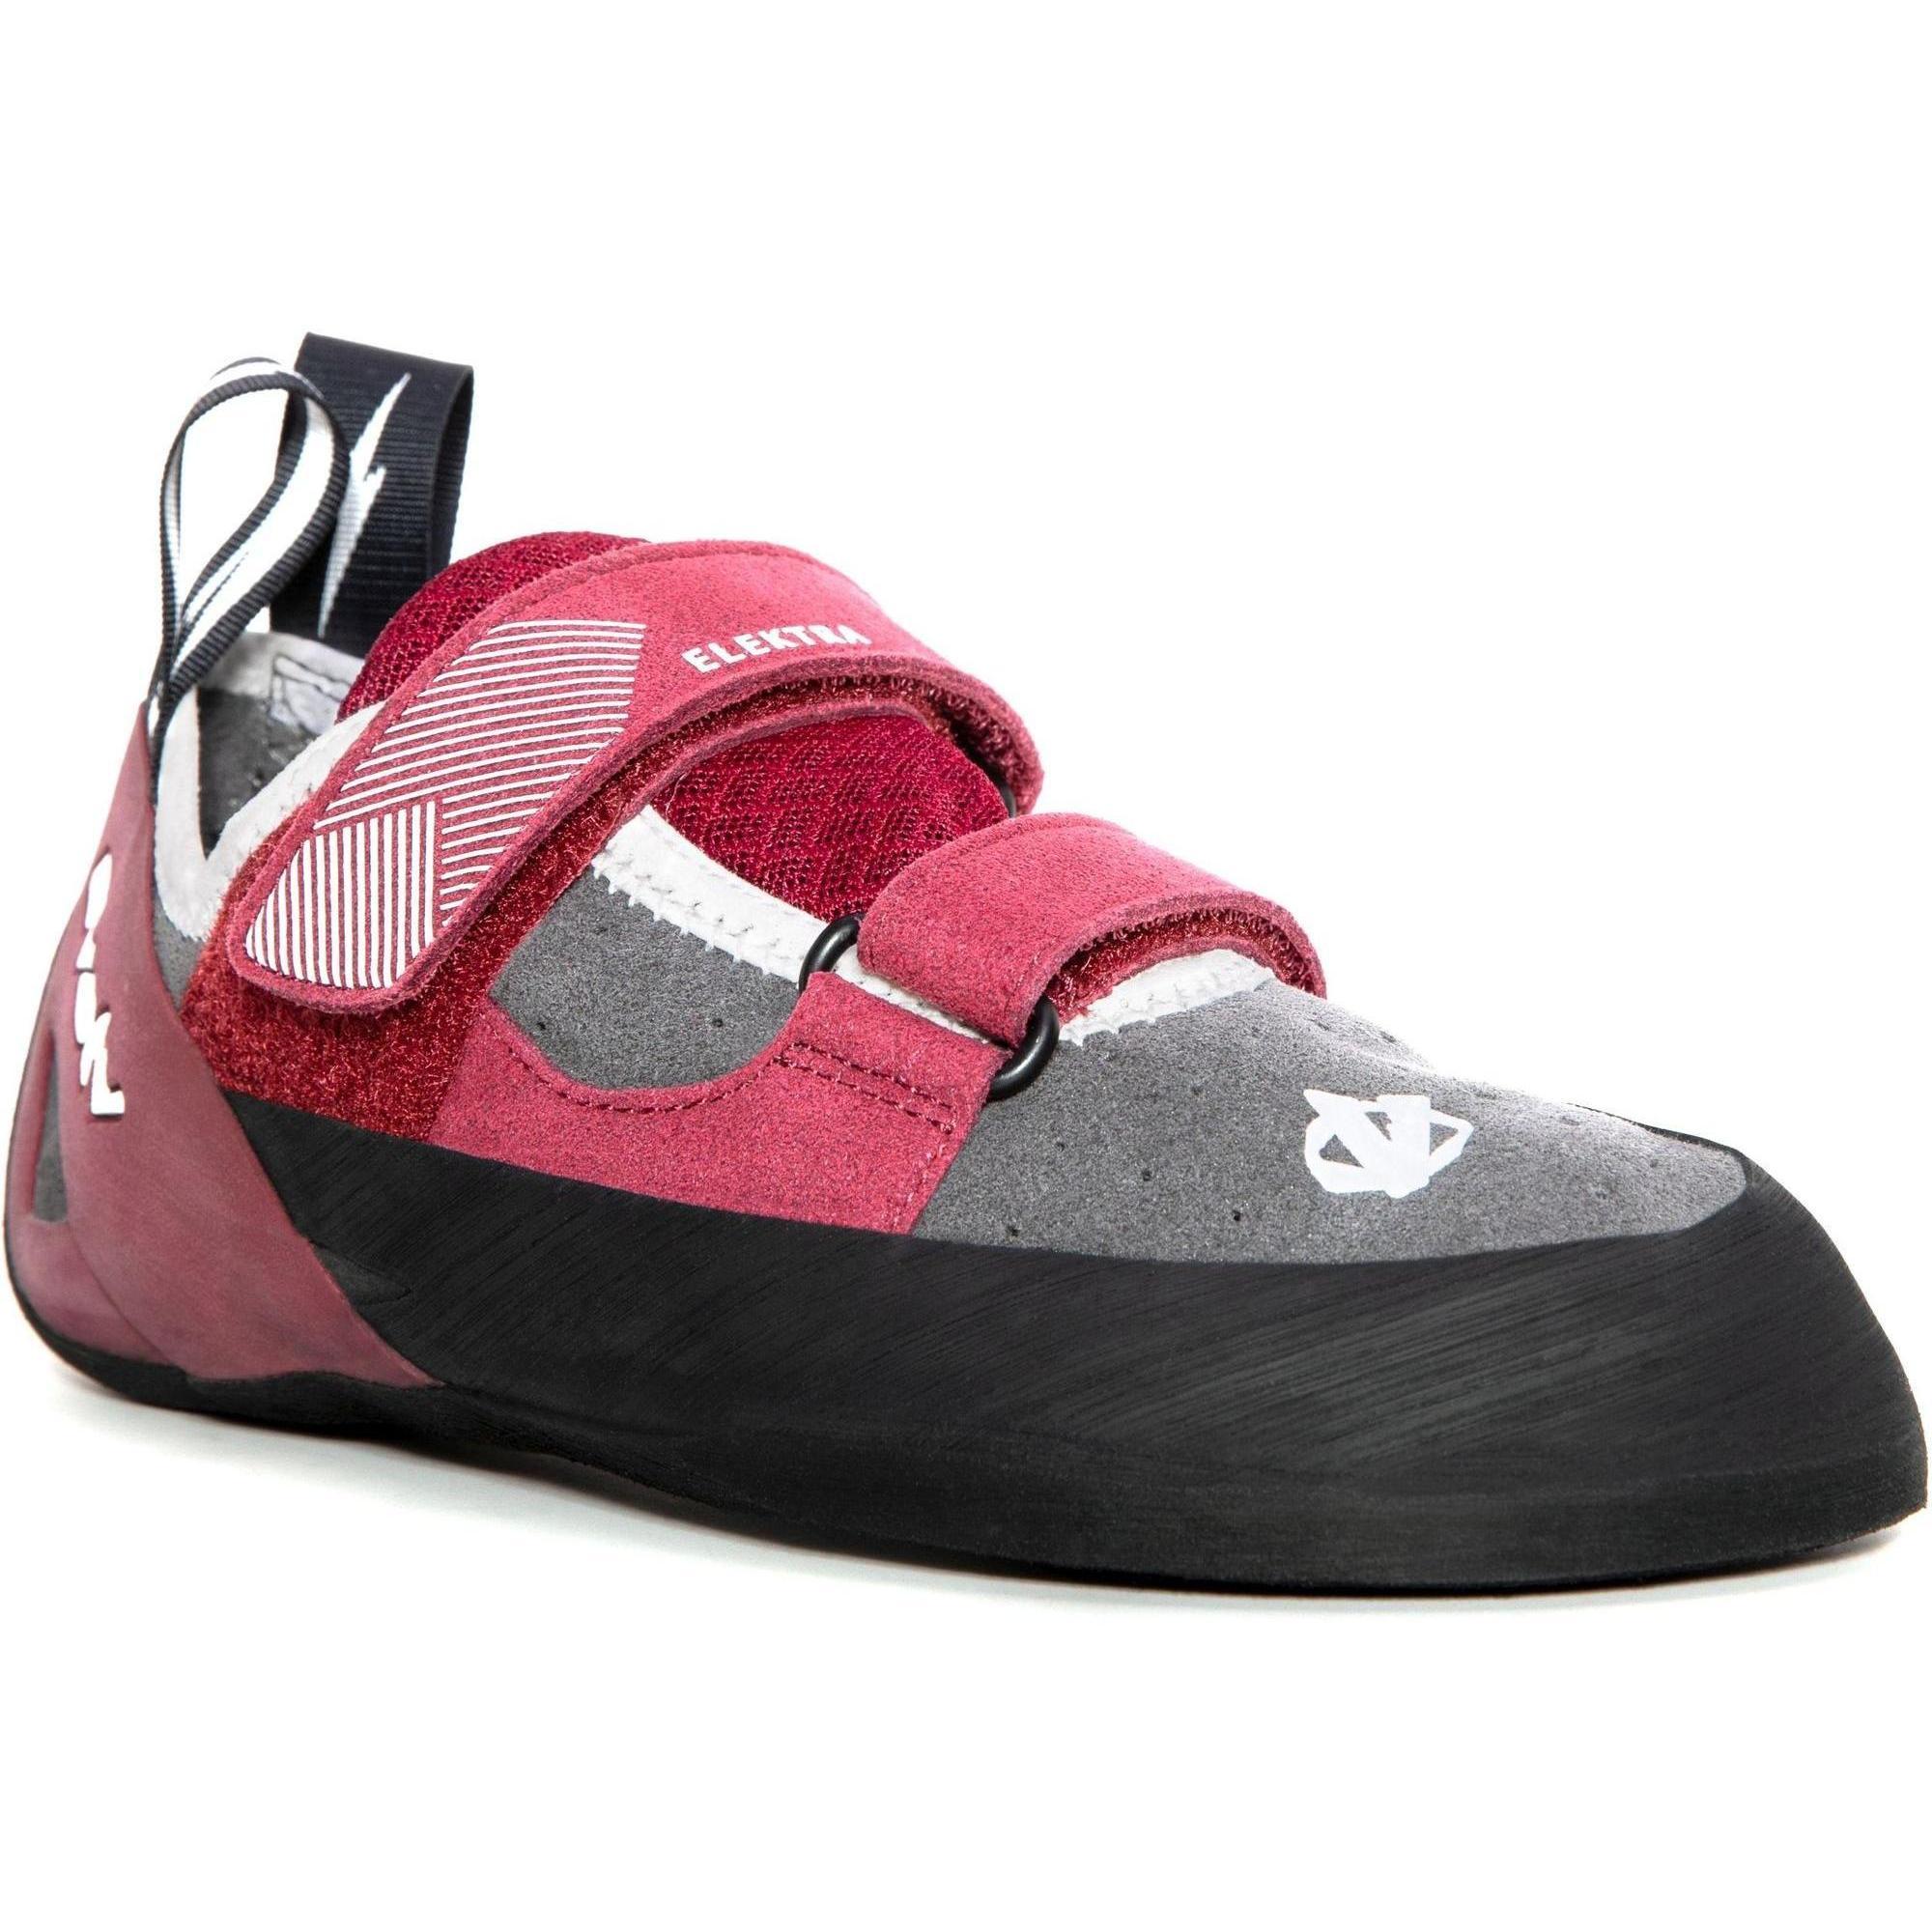 Скальные туфли Evolv 2020 Elektra grey/merlot